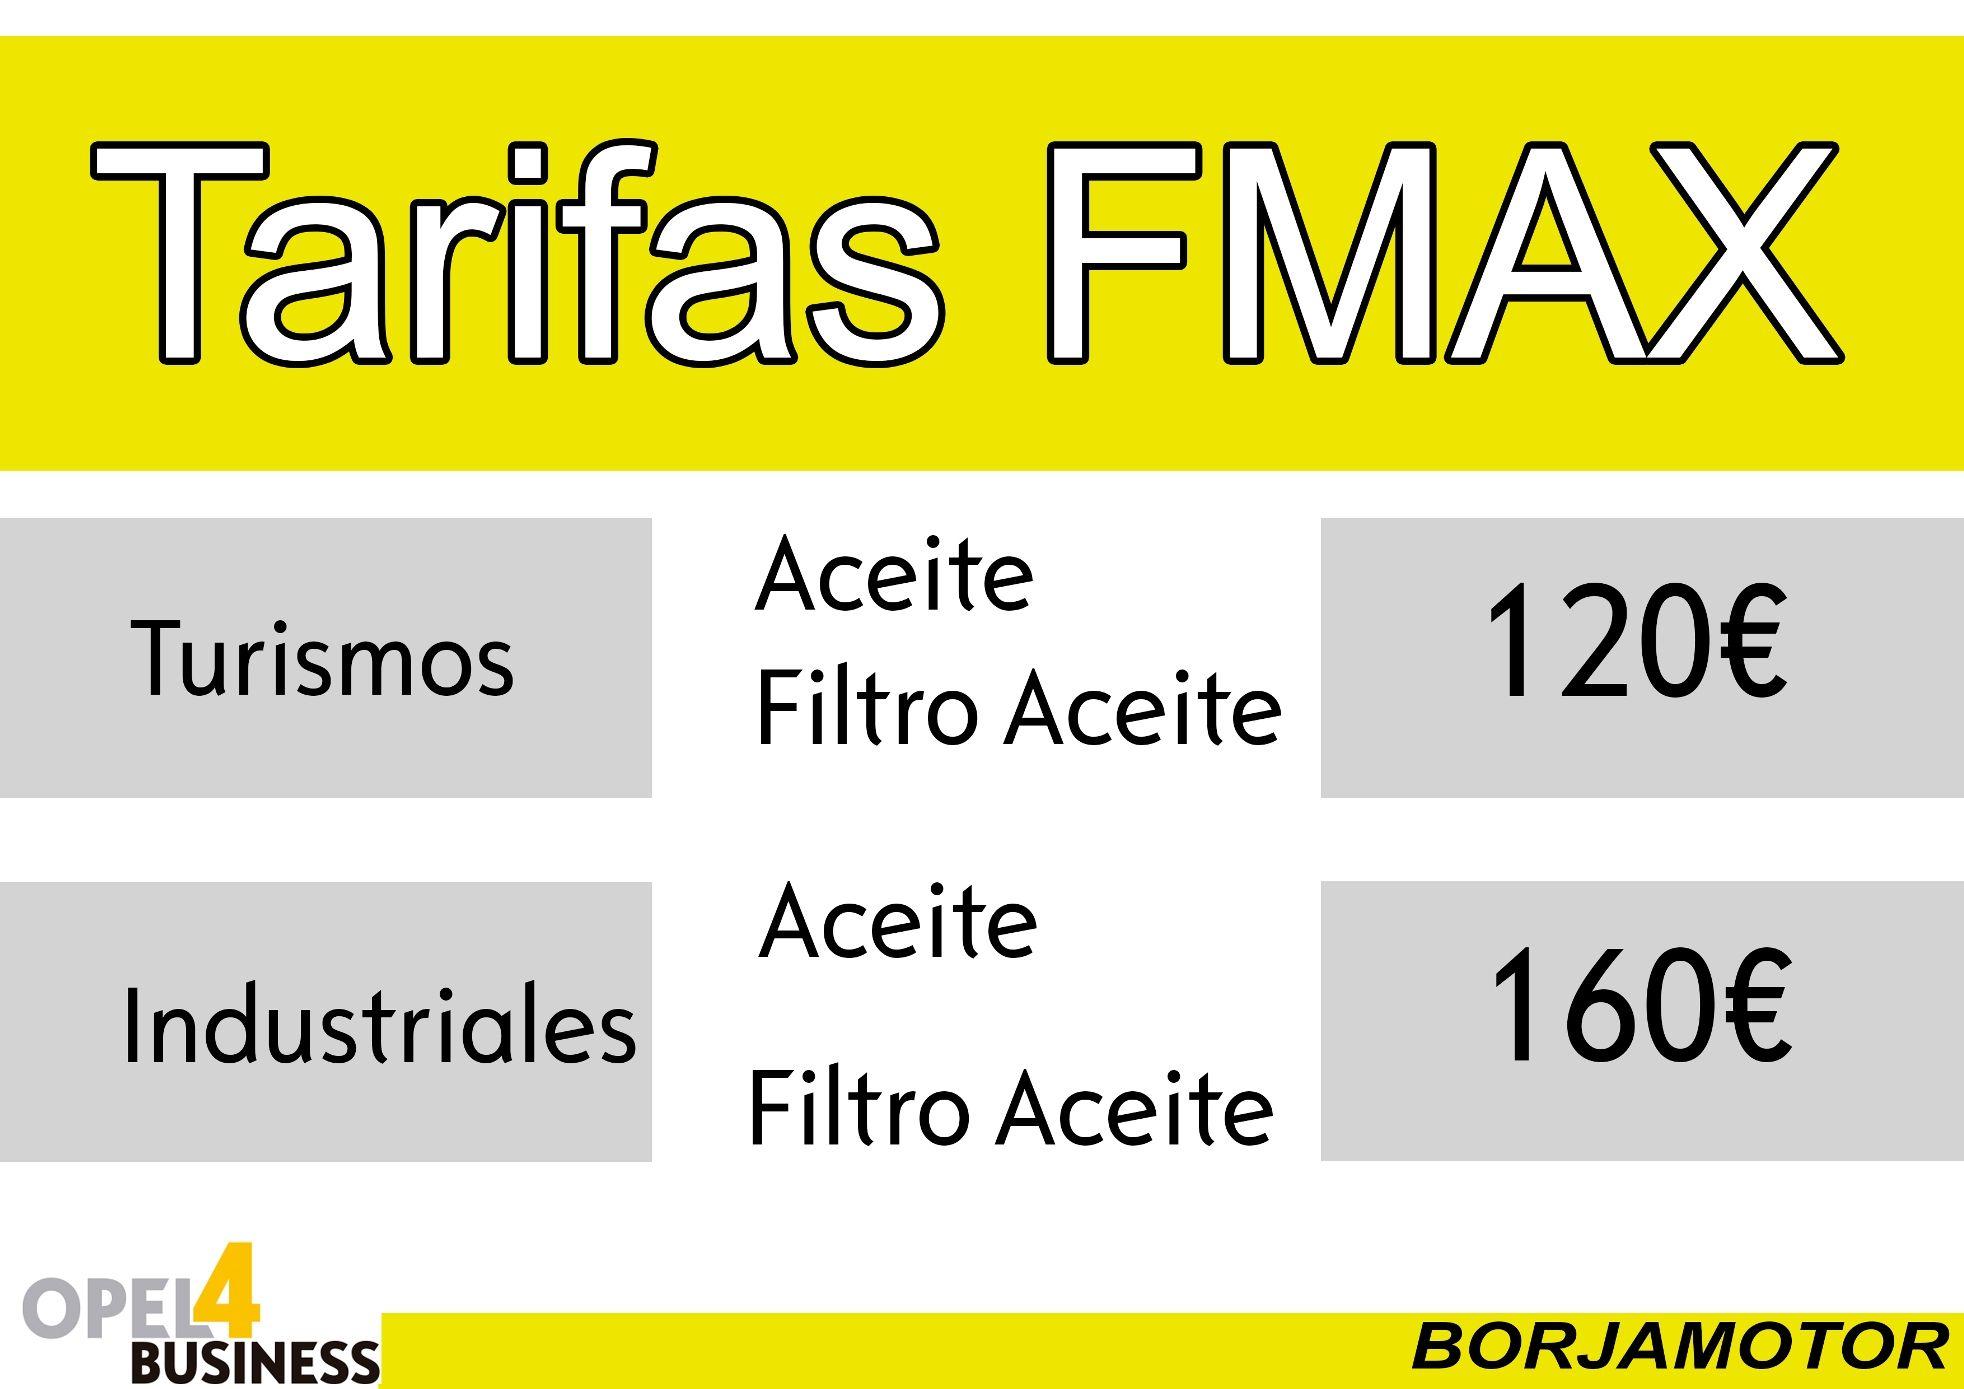 Precios FMax 2019